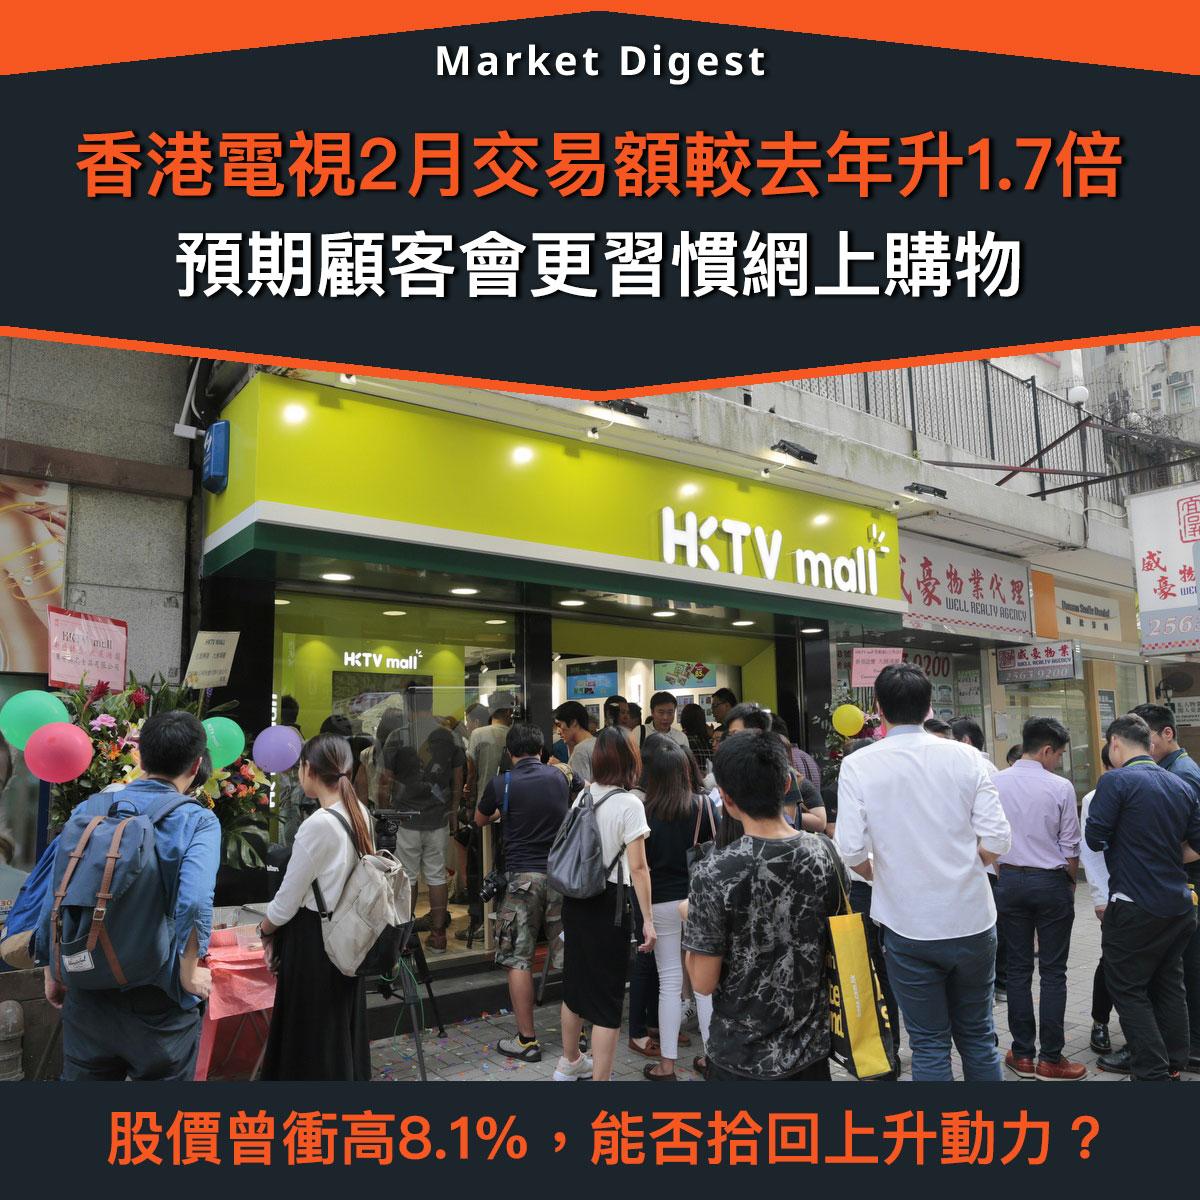 【市場熱話】香港電視2月交易額較去年升1.7倍,預期顧客會更習慣網上購物